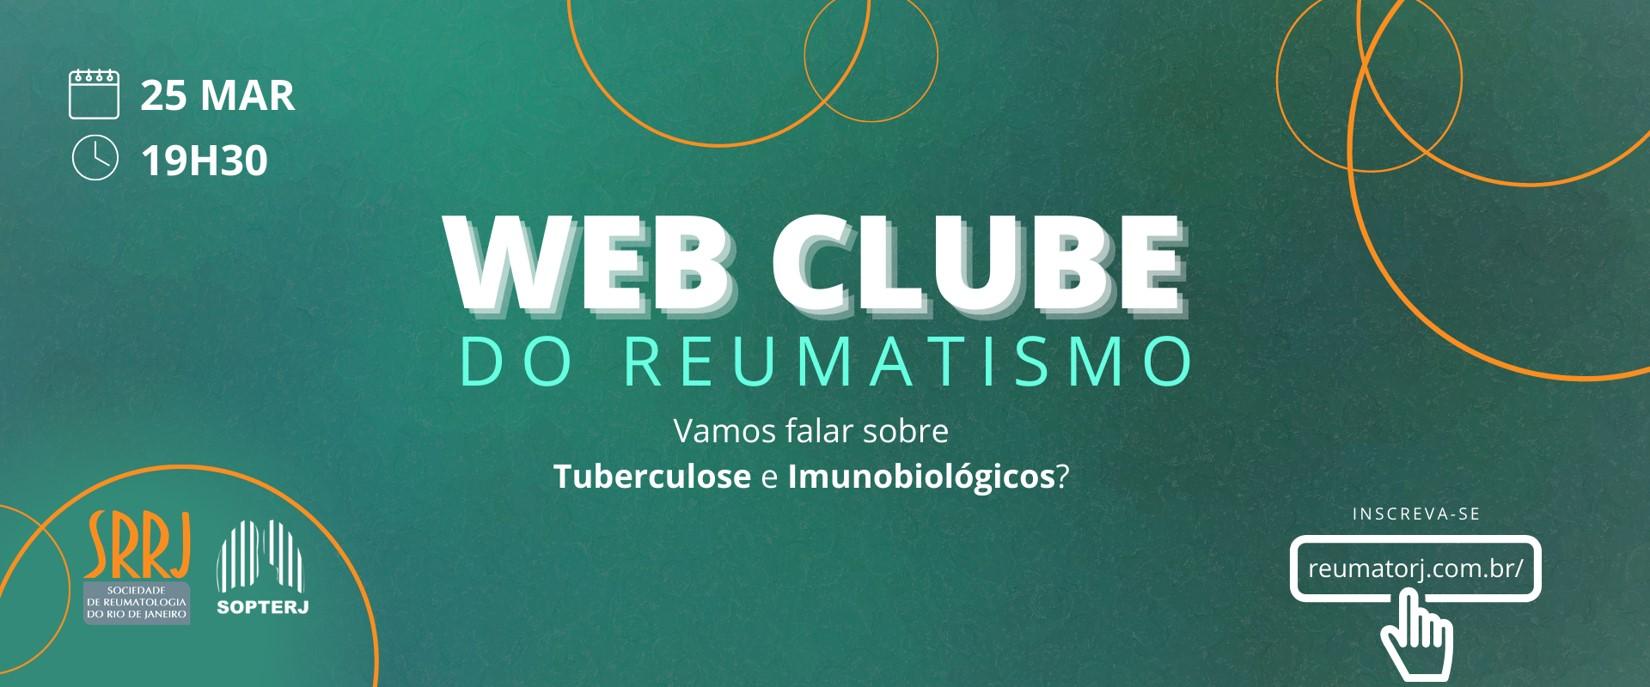 Web Clube do Reumatismo – Vamos falar sobre tuberculose e imunobiológicos